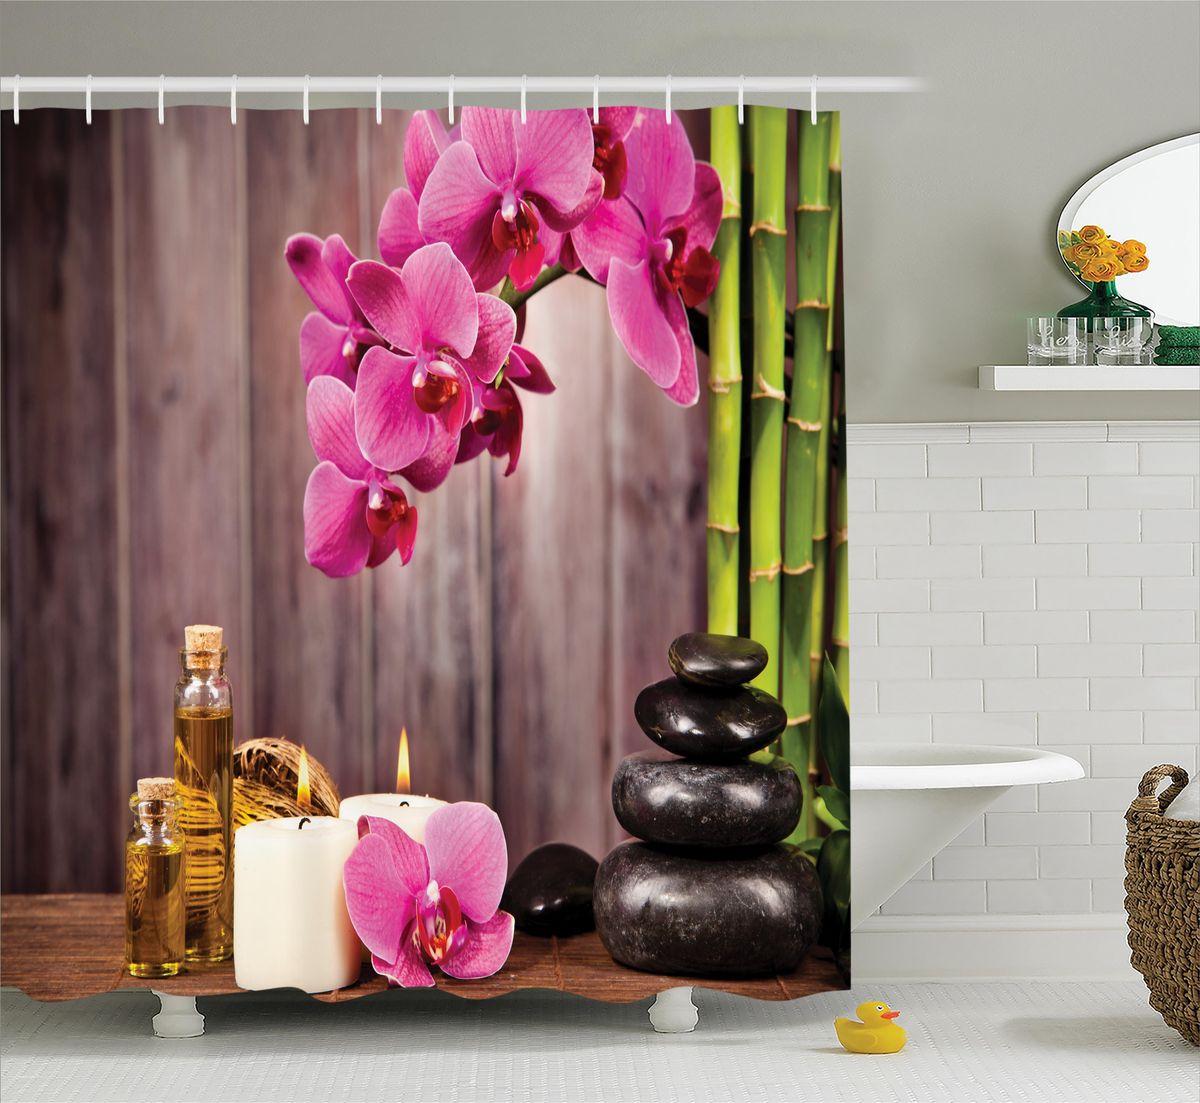 Штора для ванной комнаты Magic Lady Орхидеи и свечи, 180 х 200 смшв_11704Штора Magic Lady Орхидеи и свечи, изготовленная из высококачественного сатена (полиэстер 100%), отлично дополнит любой интерьер ванной комнаты. При изготовлении используются специальные гипоаллергенные чернила для прямой печати по ткани, безопасные для человека.В комплекте: 1 штора, 12 крючков. Обращаем ваше внимание, фактический цвет изделия может незначительно отличаться от представленного на фото.